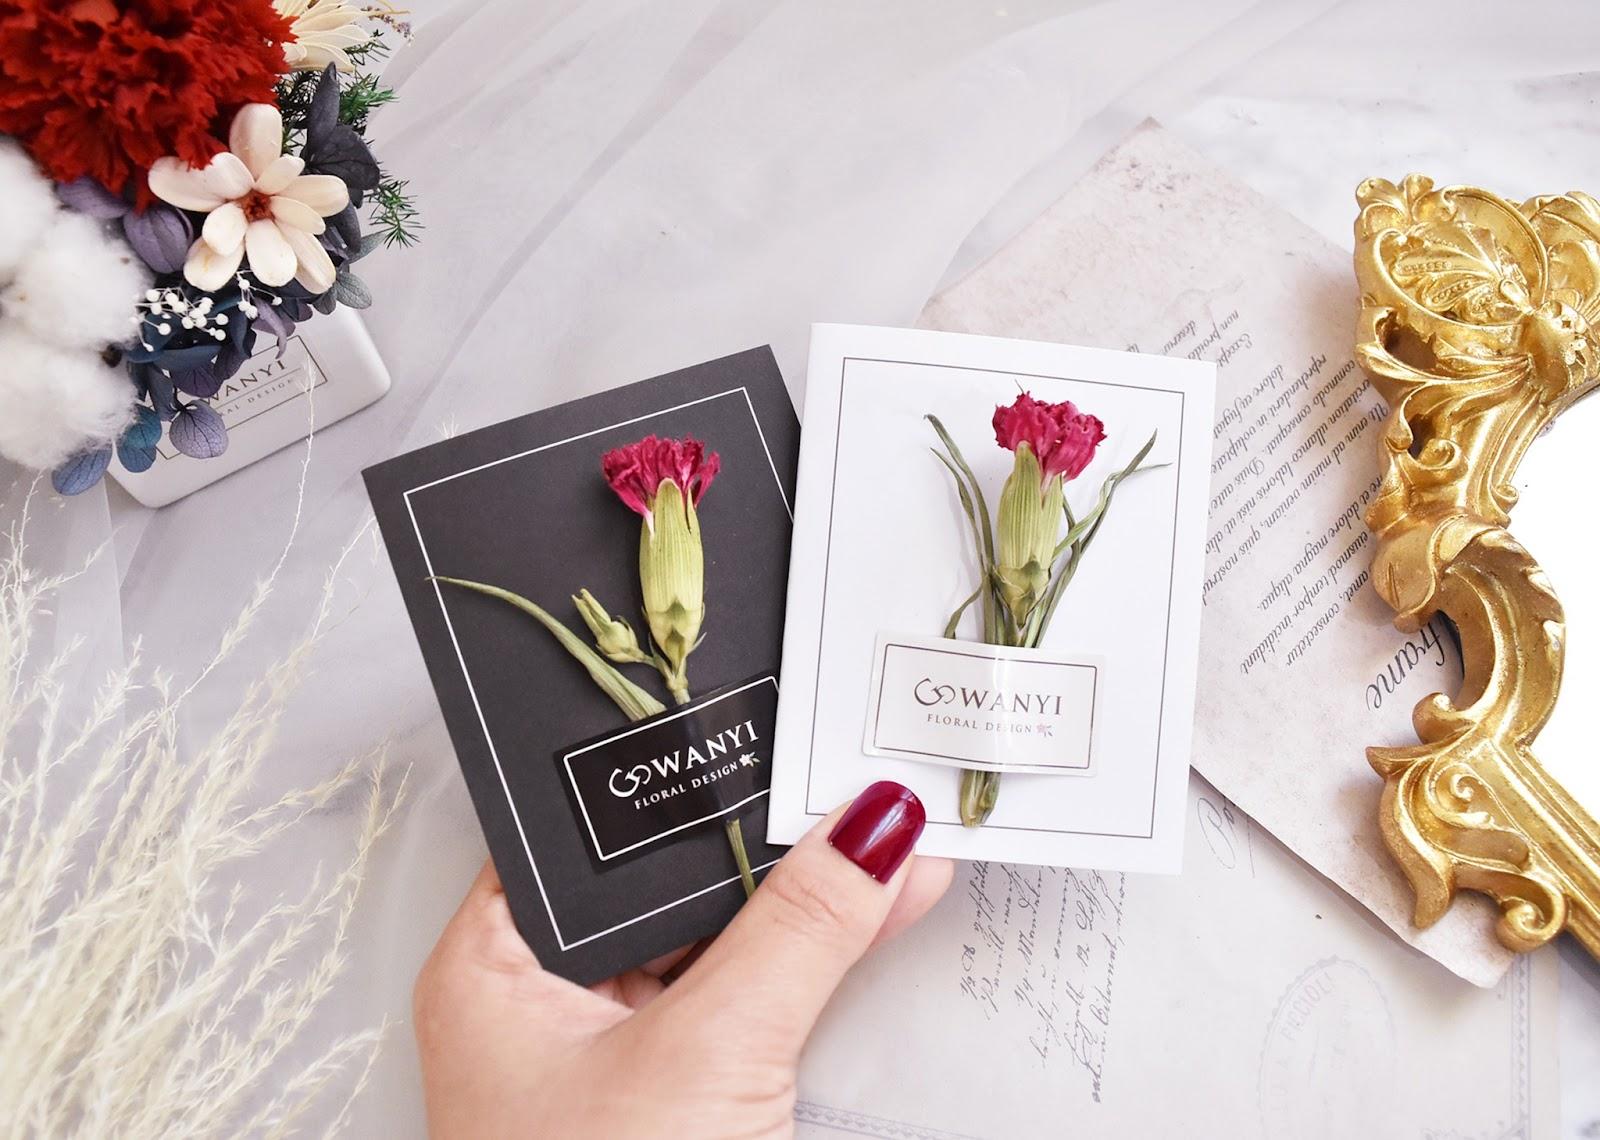 2021母親節 媽媽禮物 媽媽生日禮物 客製化 訂做 康乃馨卡片